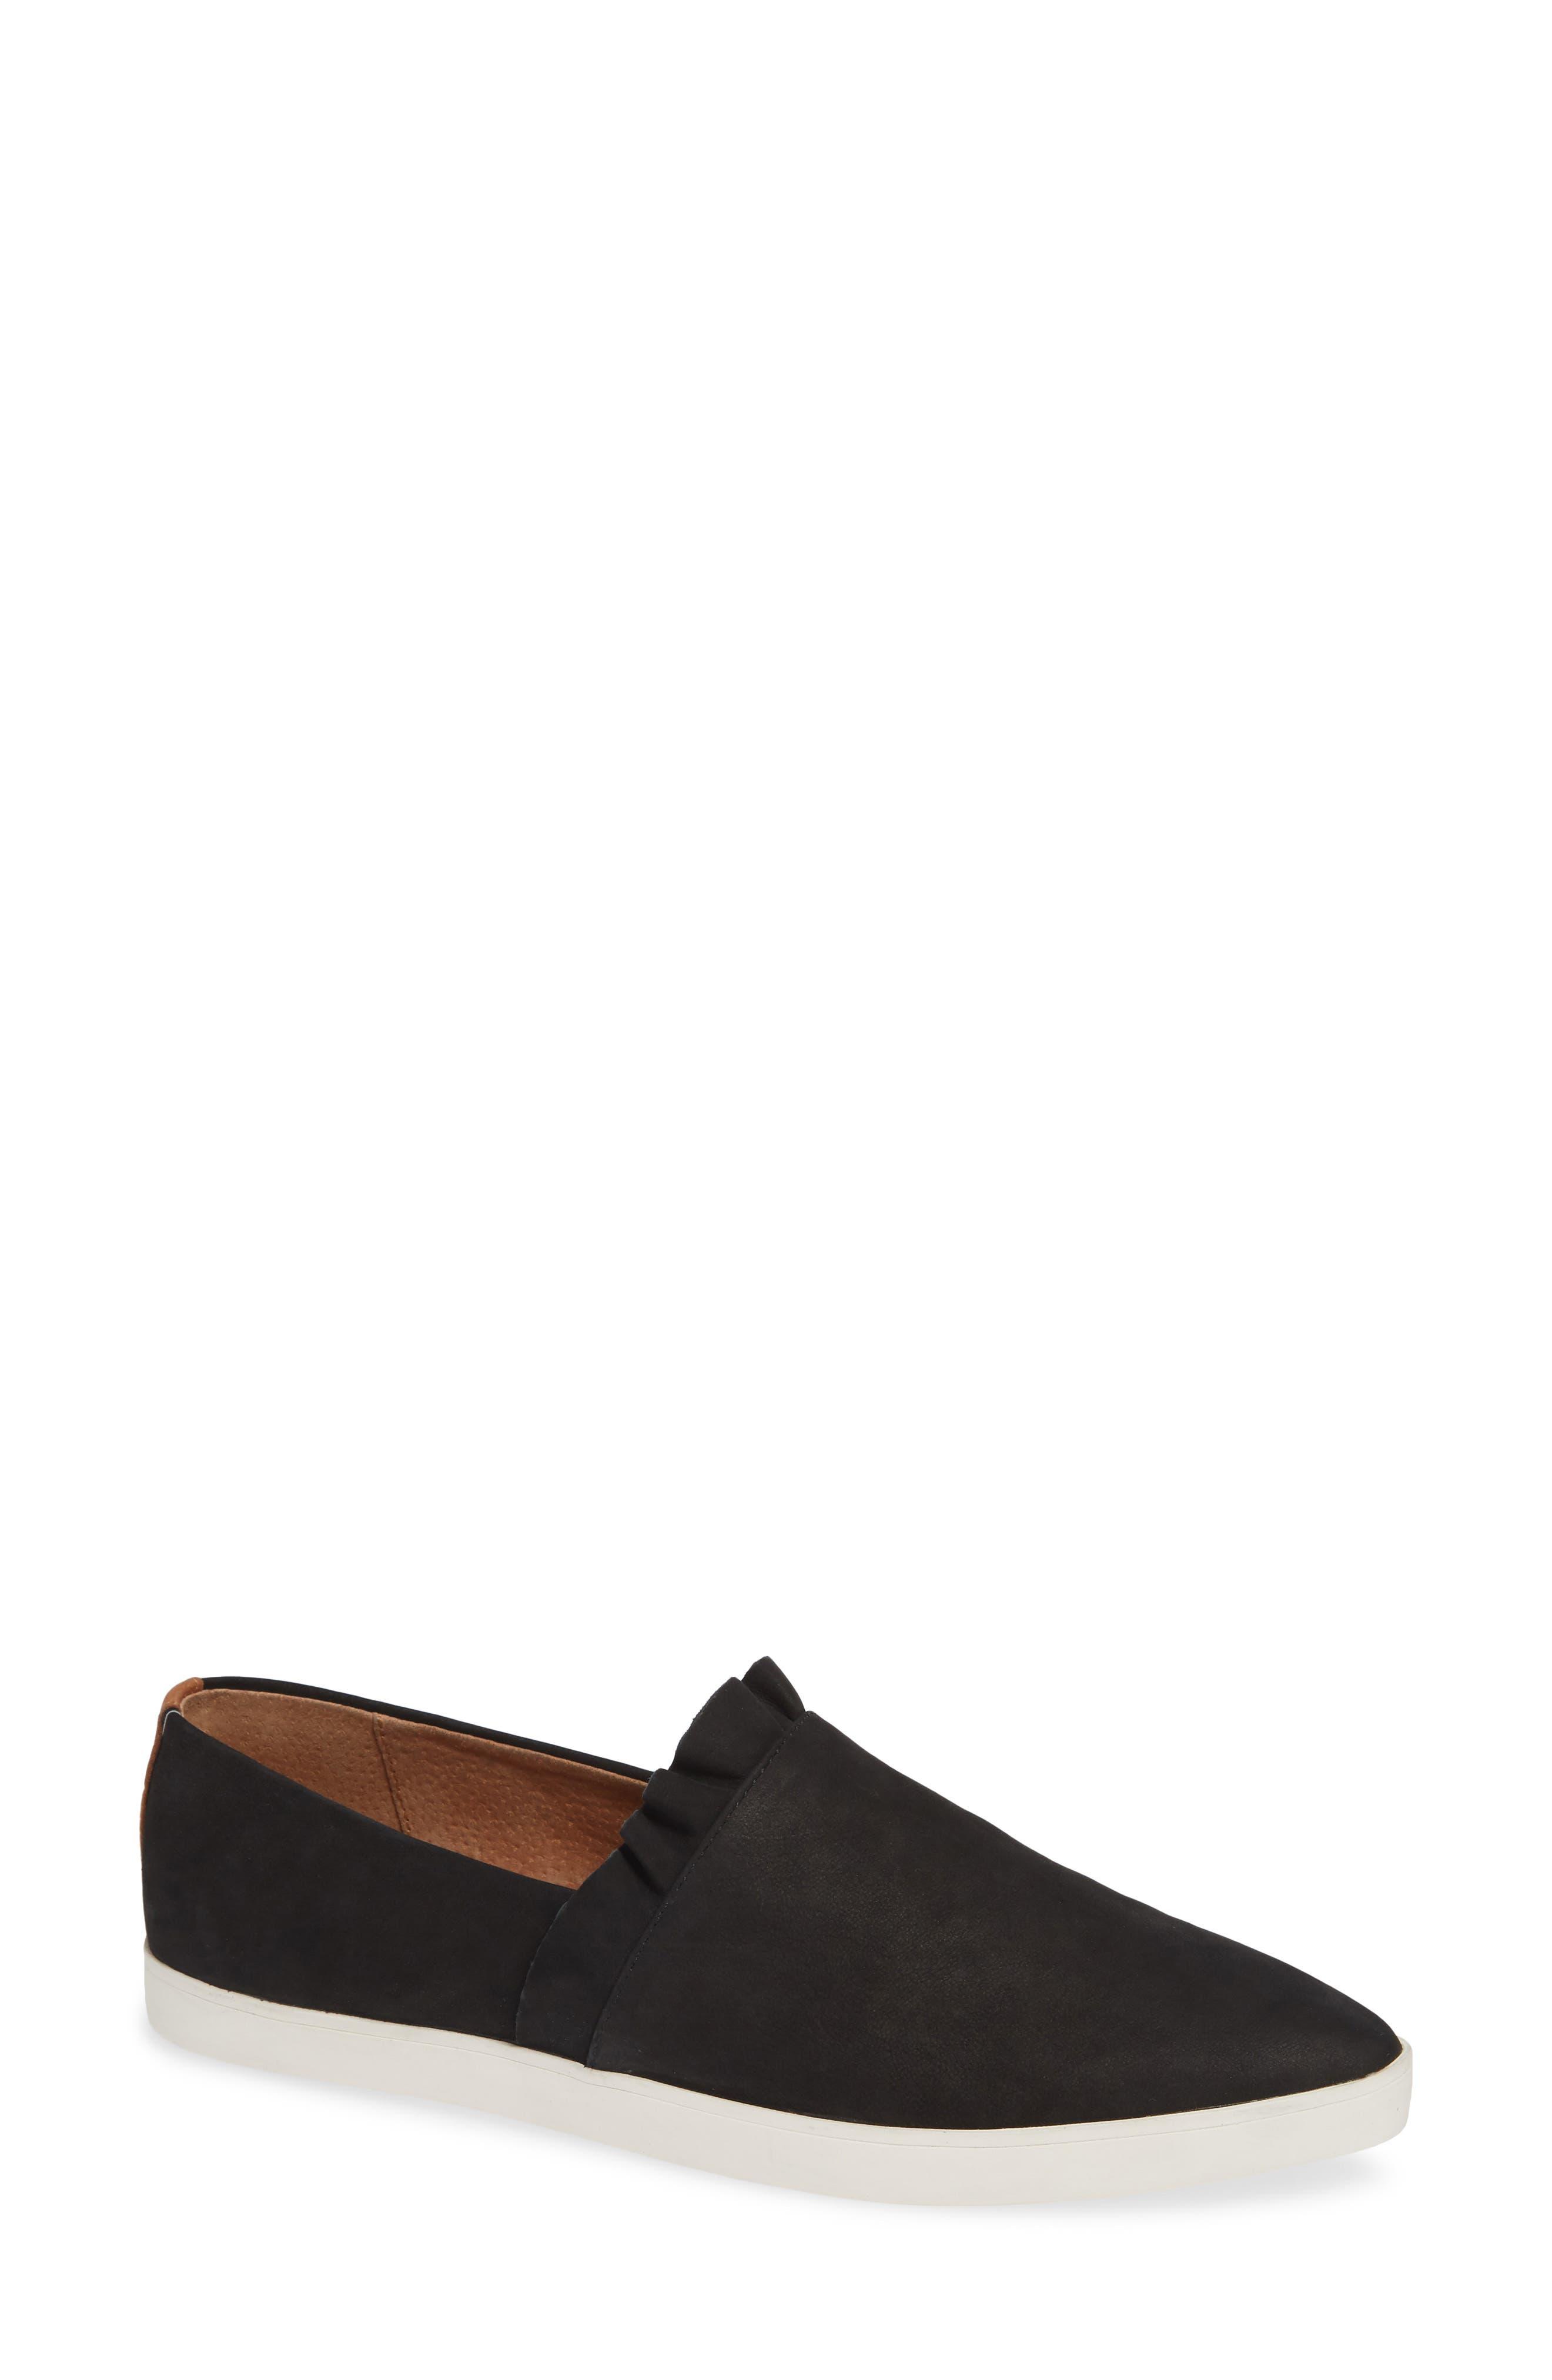 GENTLE SOULS BY KENNETH COLE Gentle Souls Avery Slip-On Sneaker, Main, color, BLACK NUBUCK